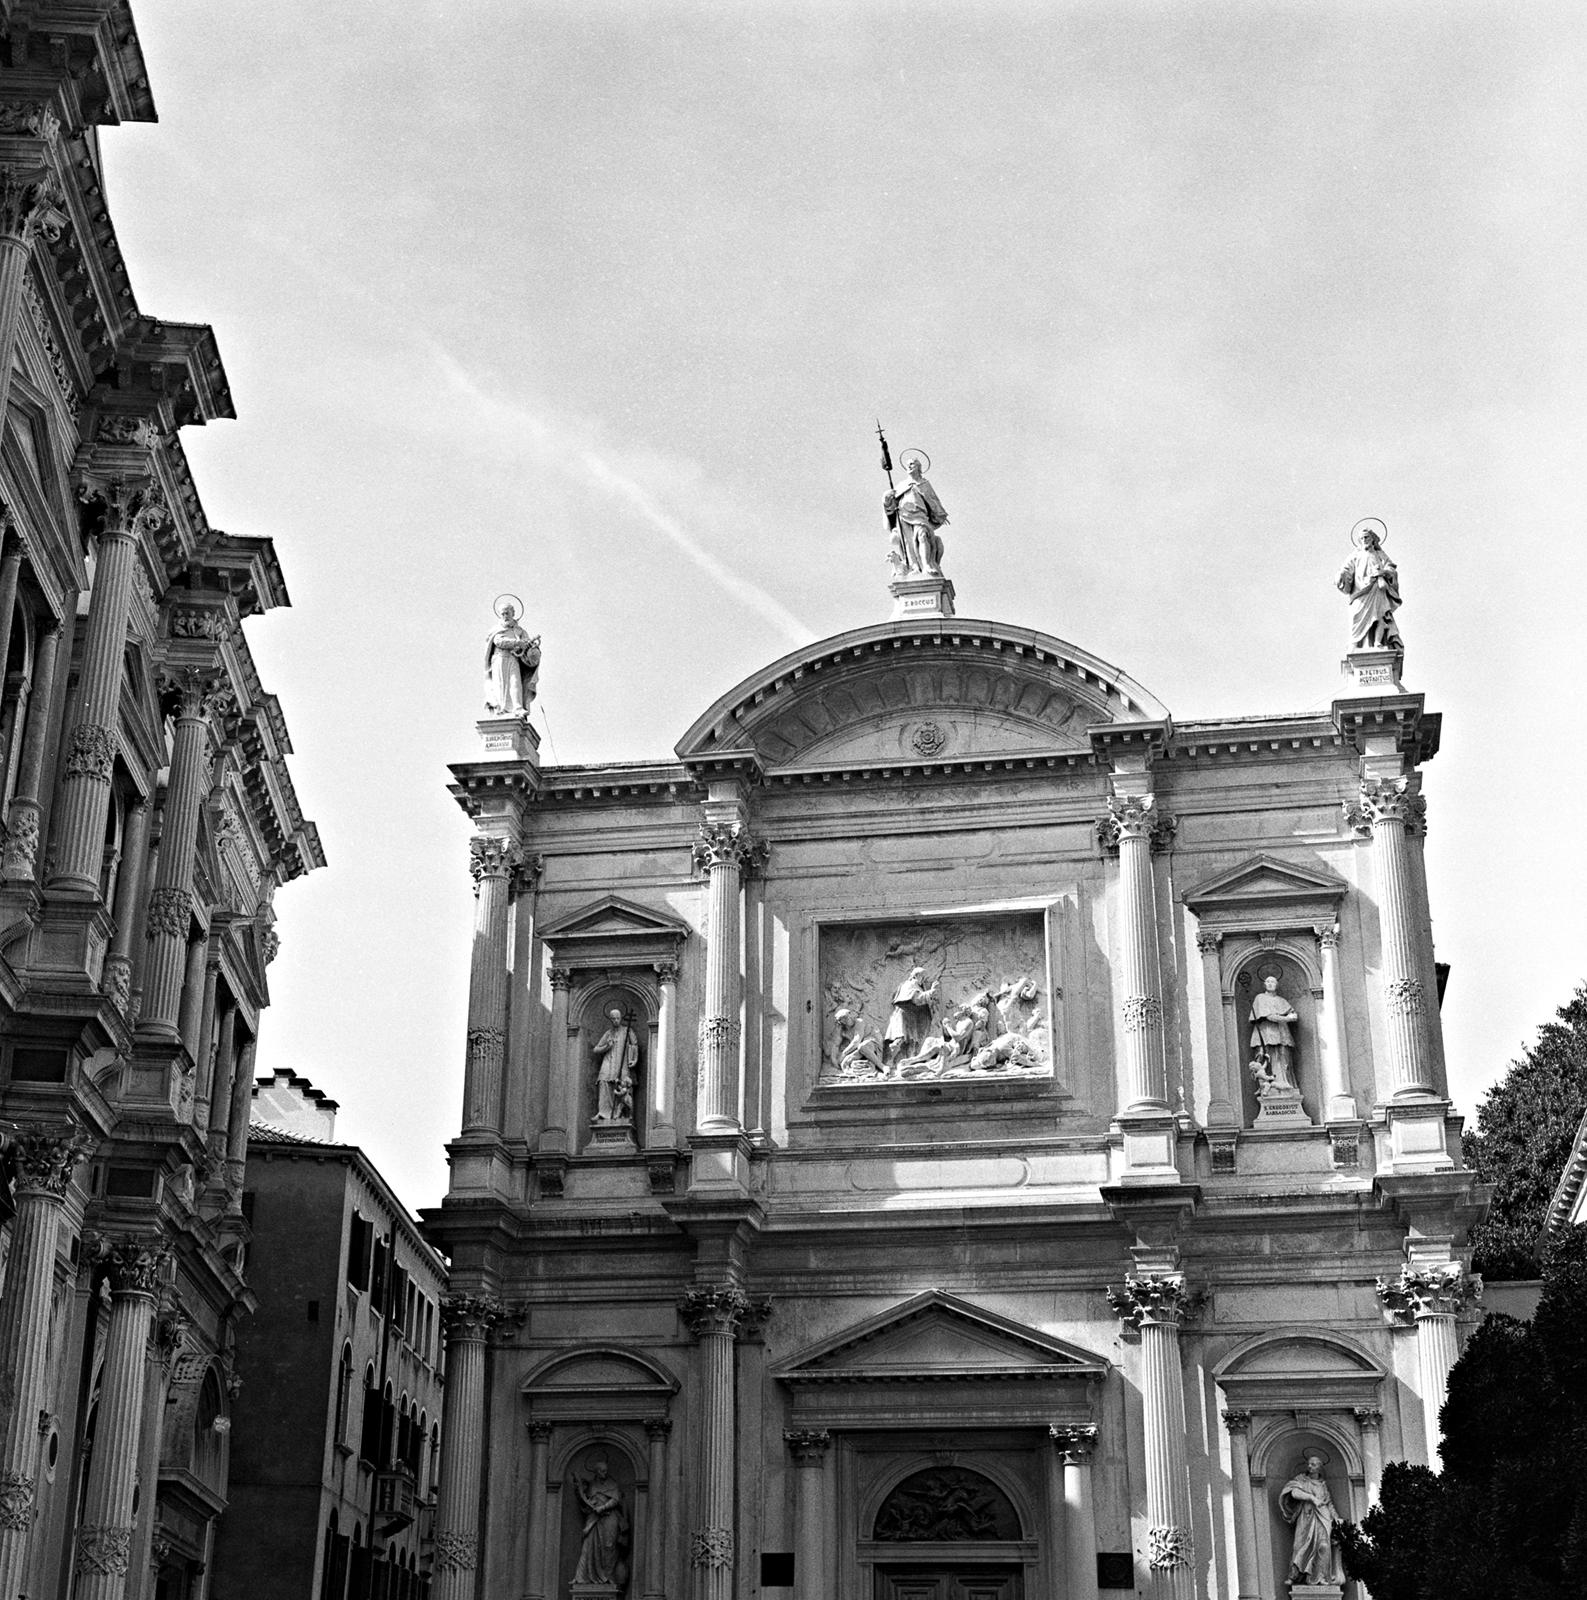 Venice-r10-006.jpg